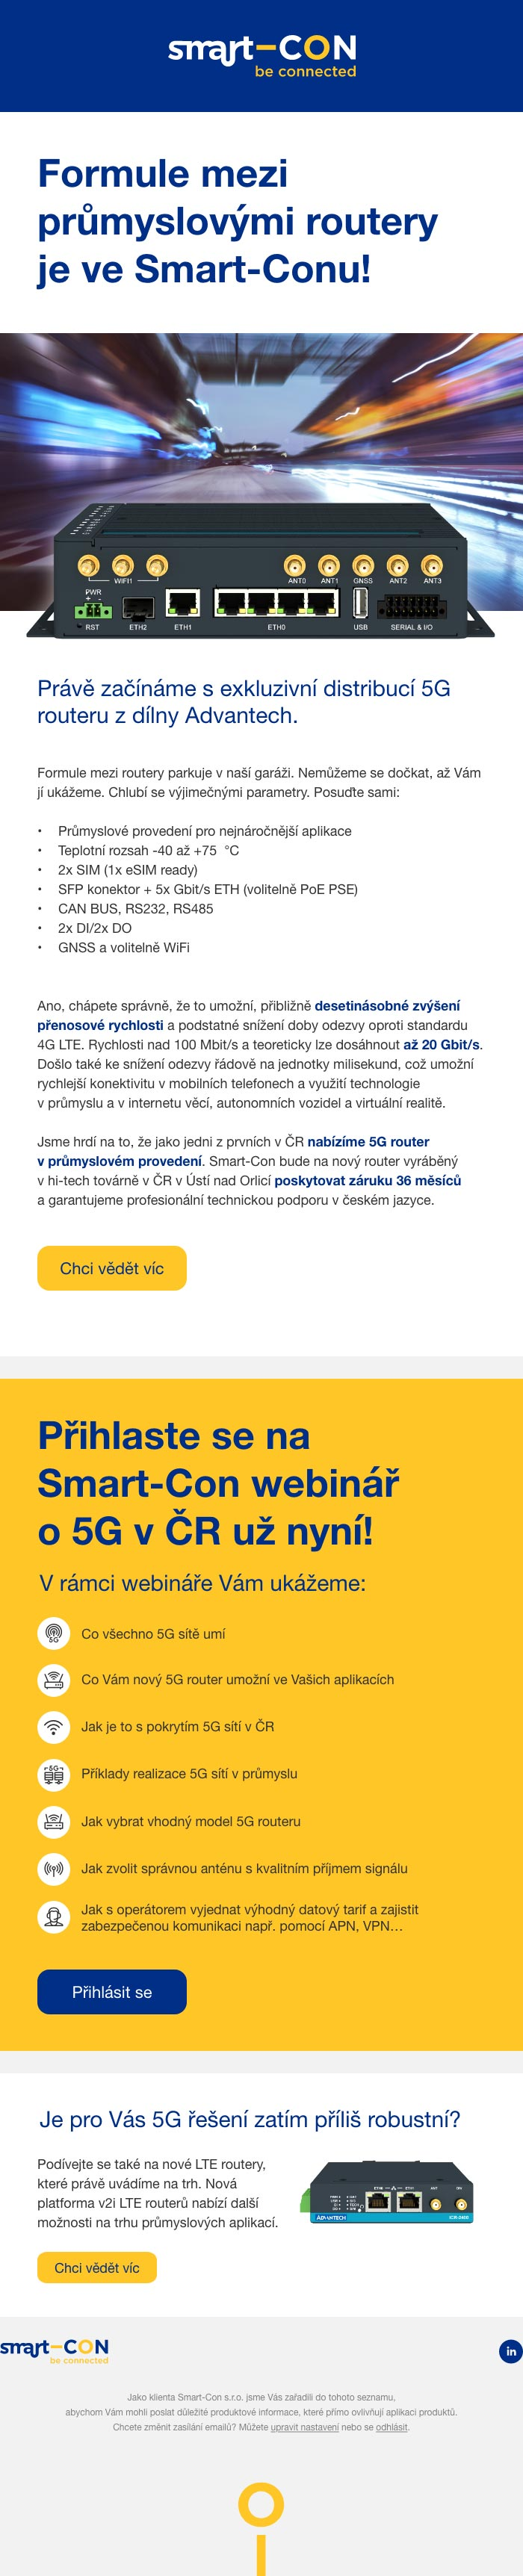 Marketingová kampaň na uvedení super rychlého 5G routeru - náhled newsletteru